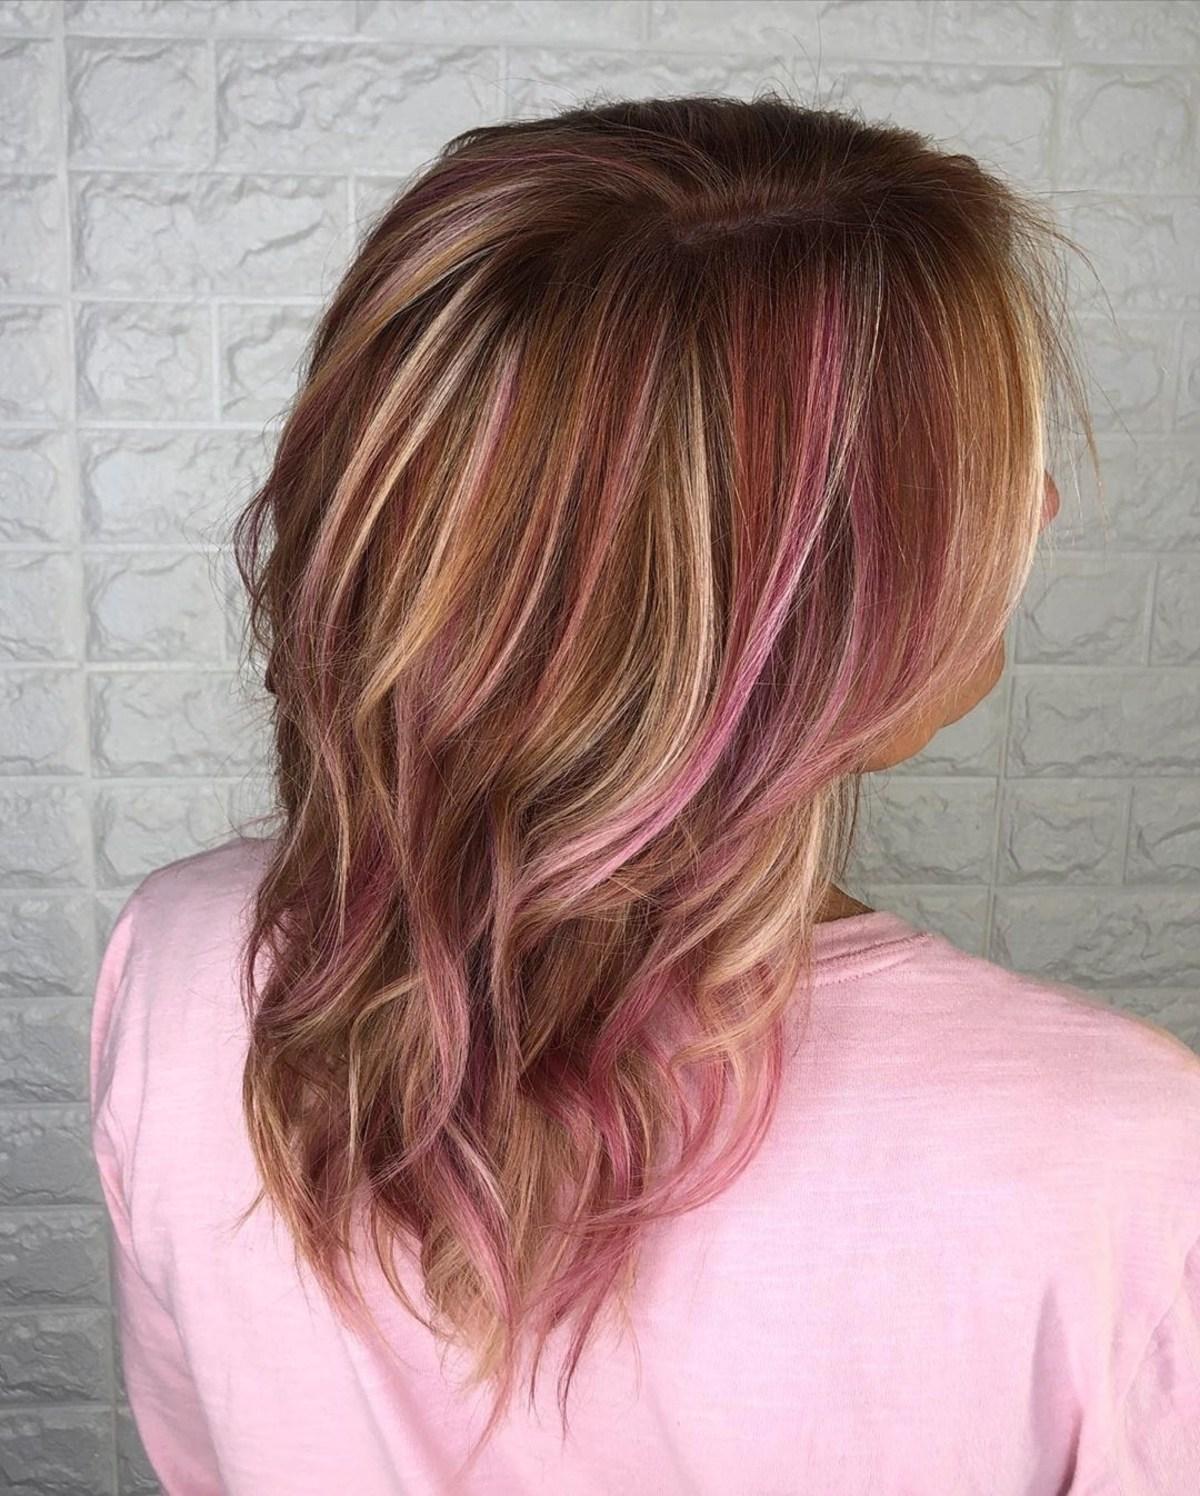 Cheveux roux roux avec des mèches roses